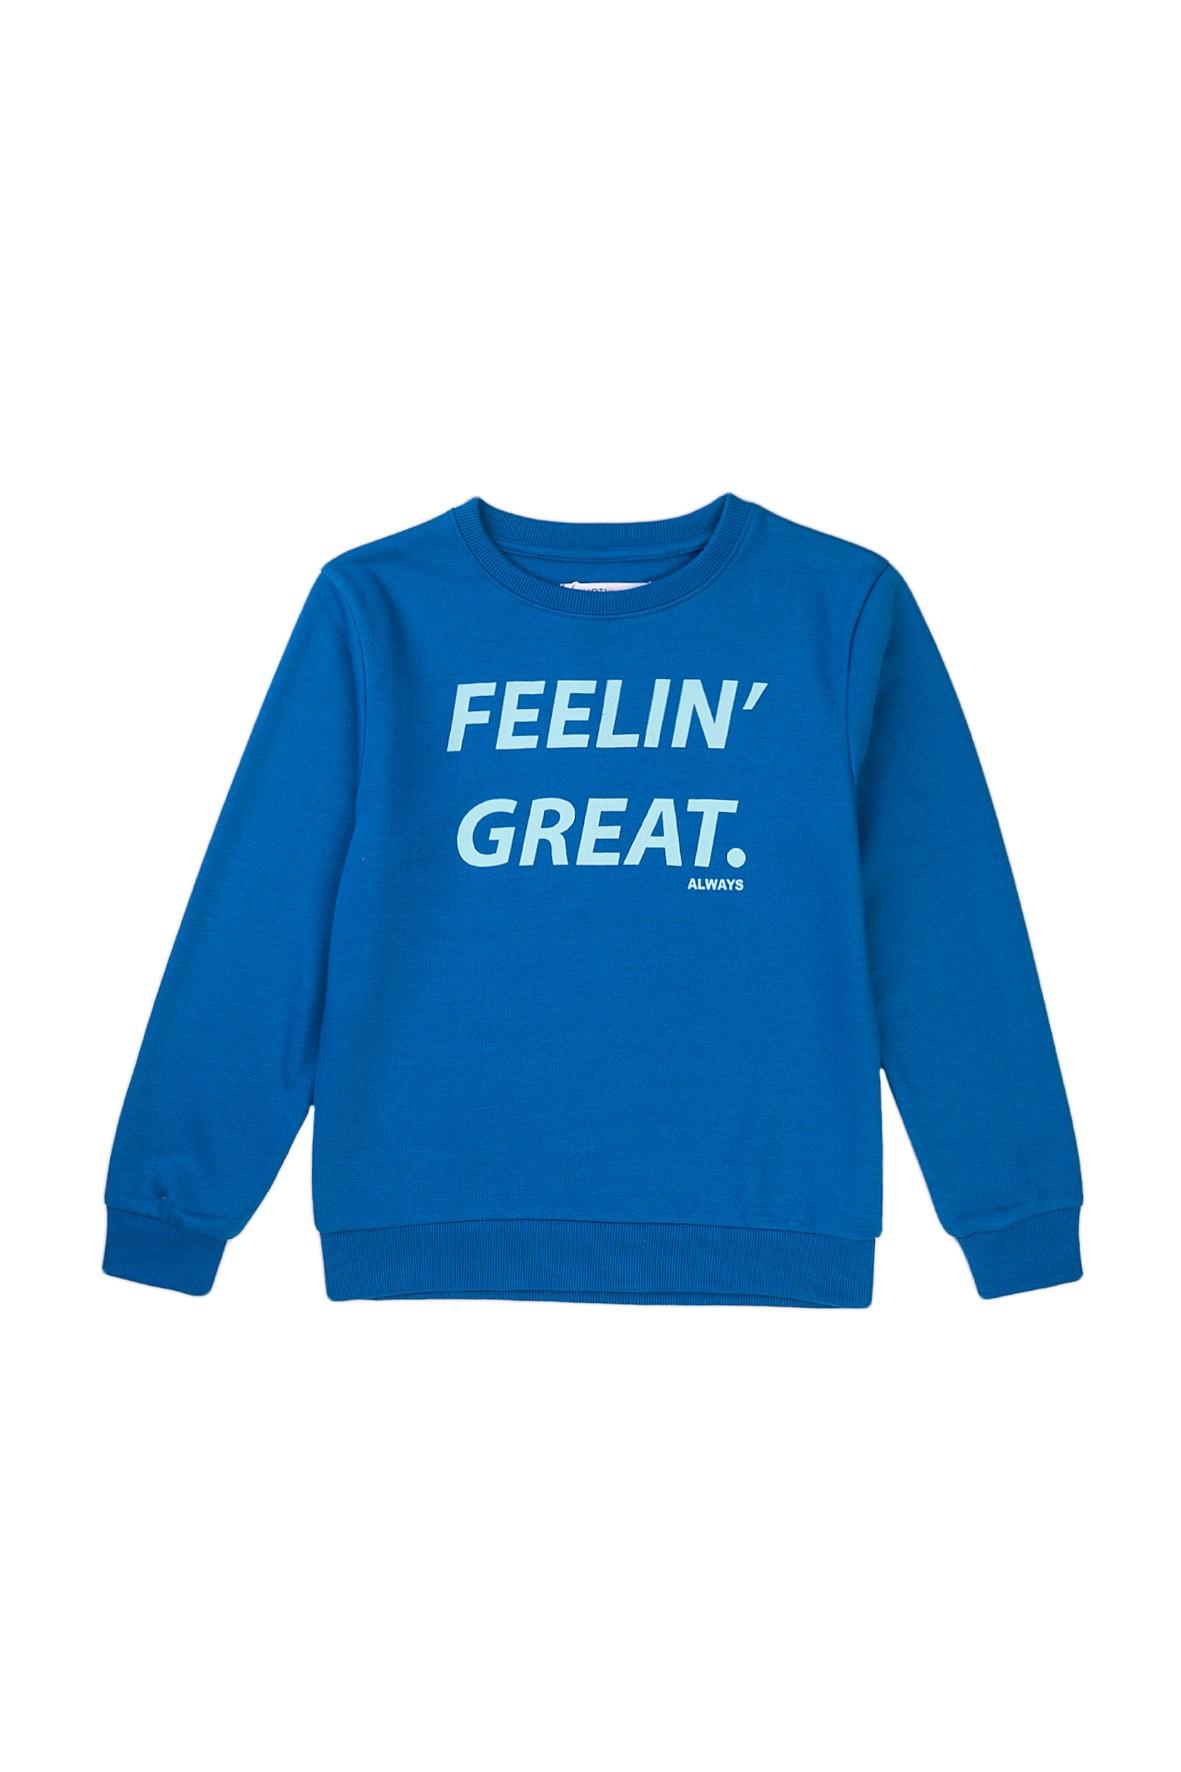 Bluza dresowa chłopięca w kolorze niebieskim